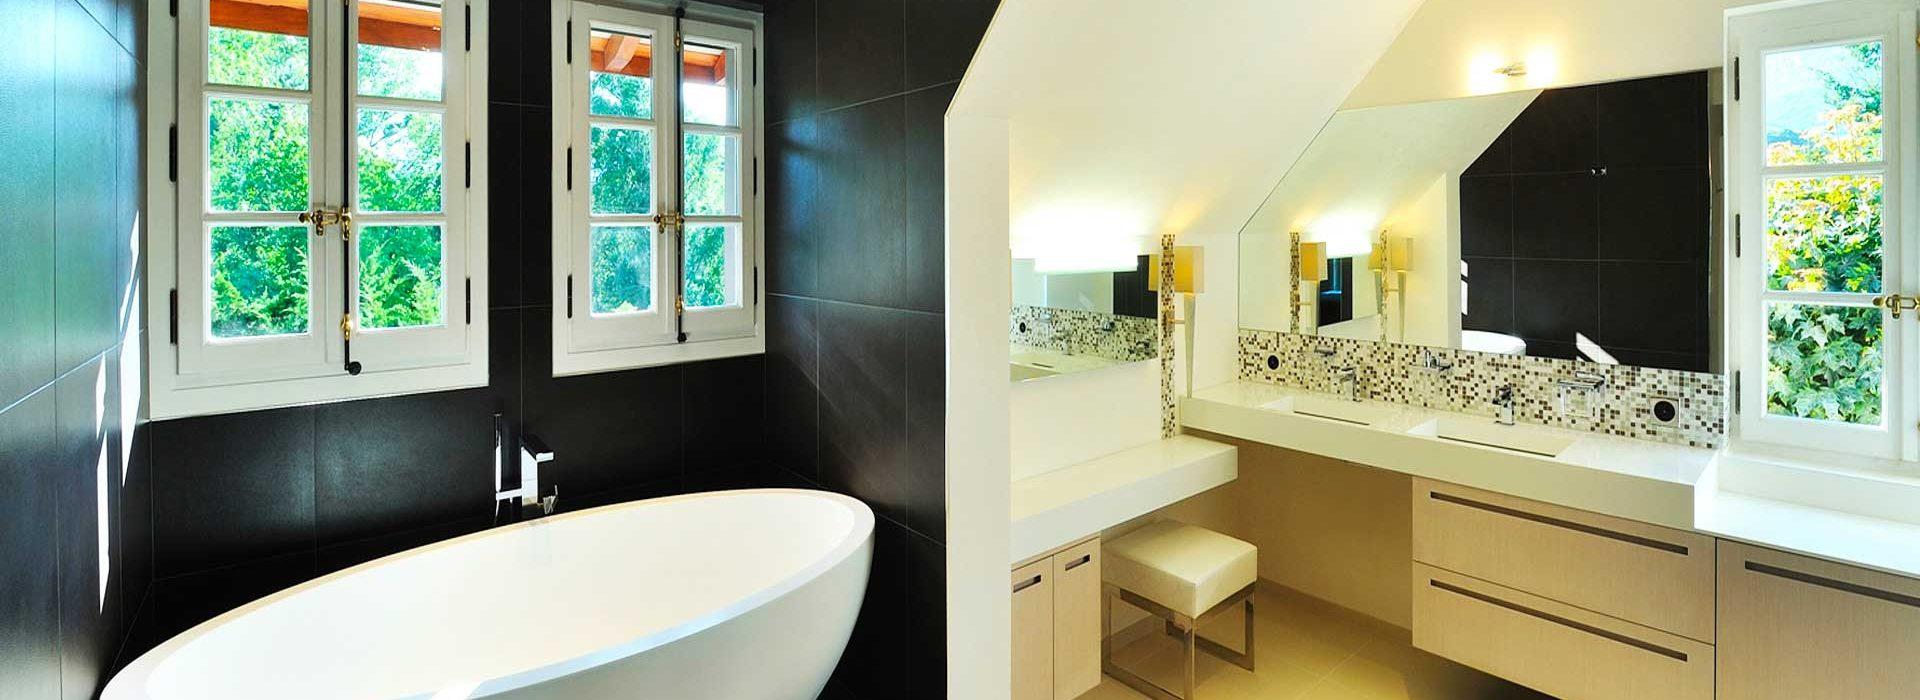 MANOR-RIVE-DROITE-GENEVA-05-Dome-interior-design-Geneve-Suisse